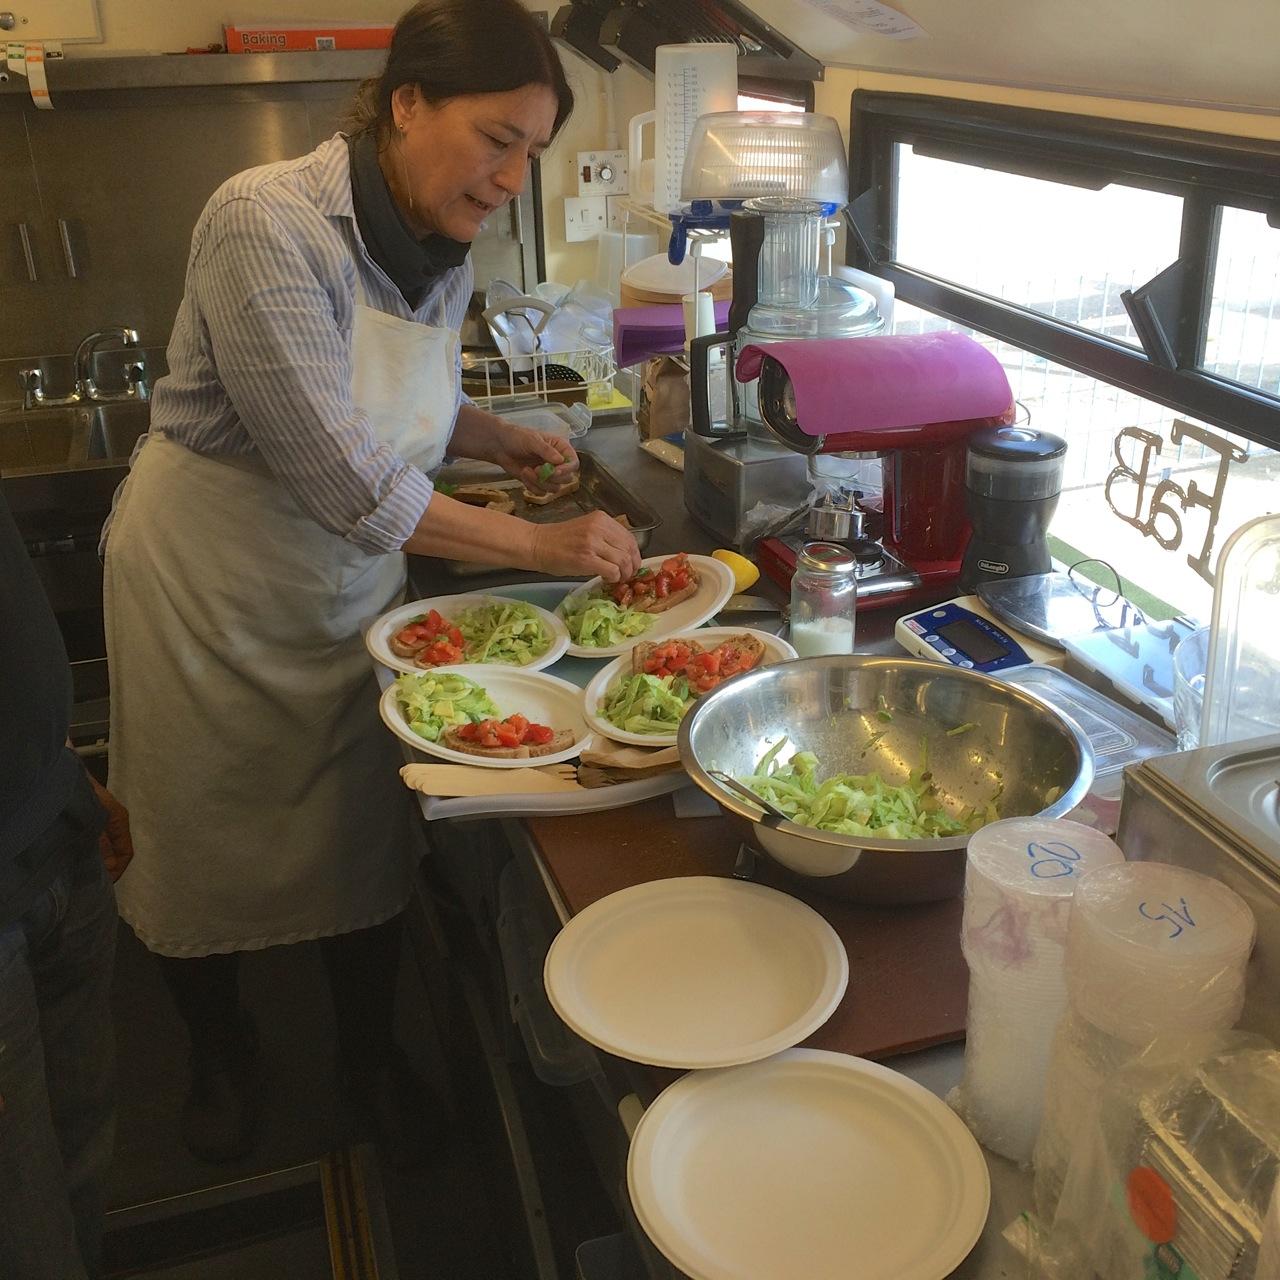 http://i0.wp.com/fatgayvegan.com/wp-content/uploads/2015/09/Chef-Myra.jpg?fit=1280%2C1280